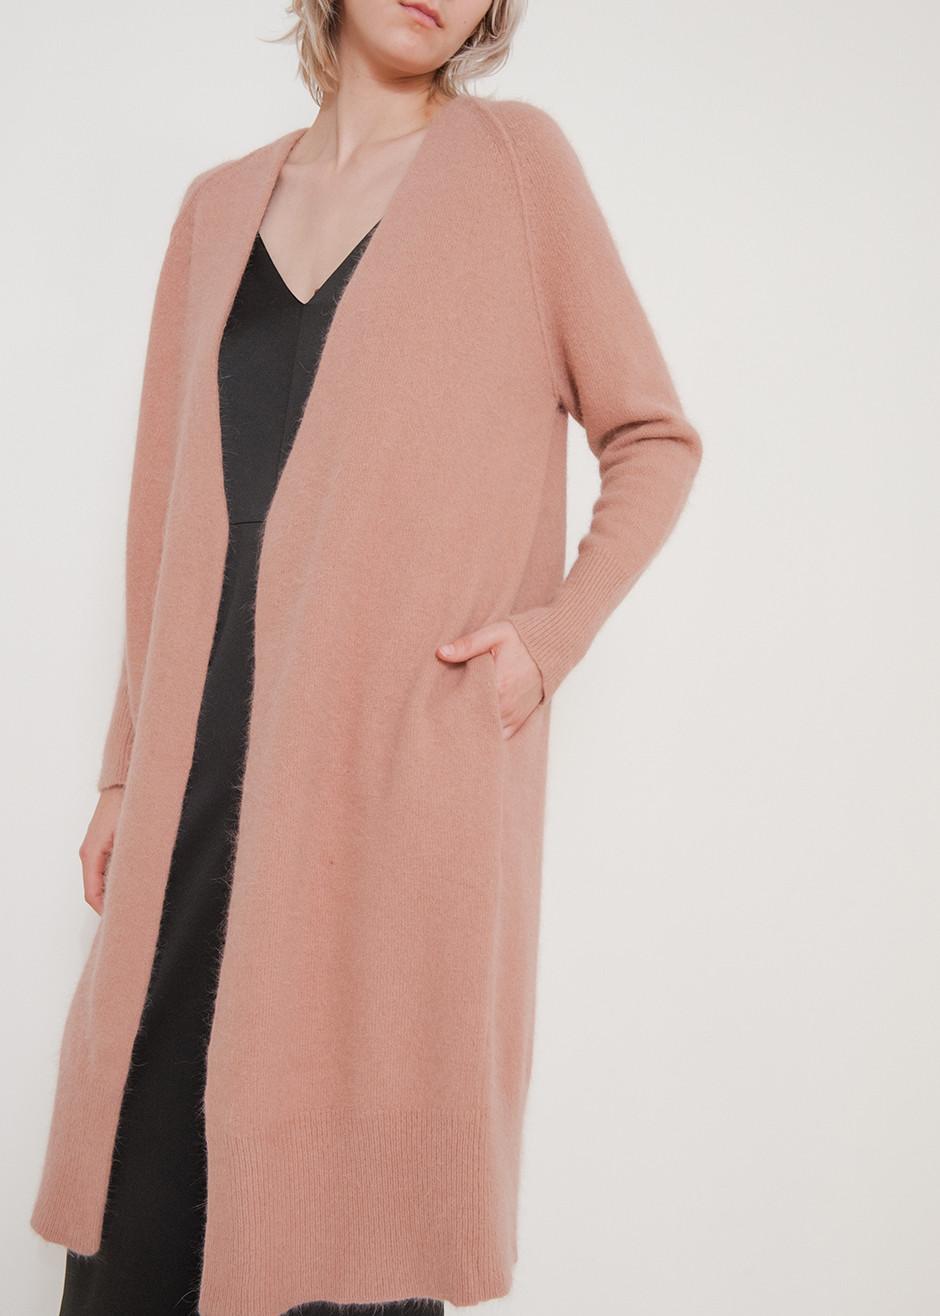 Pink Angora Long Cardigan, $300;  Thefrankieshop.com